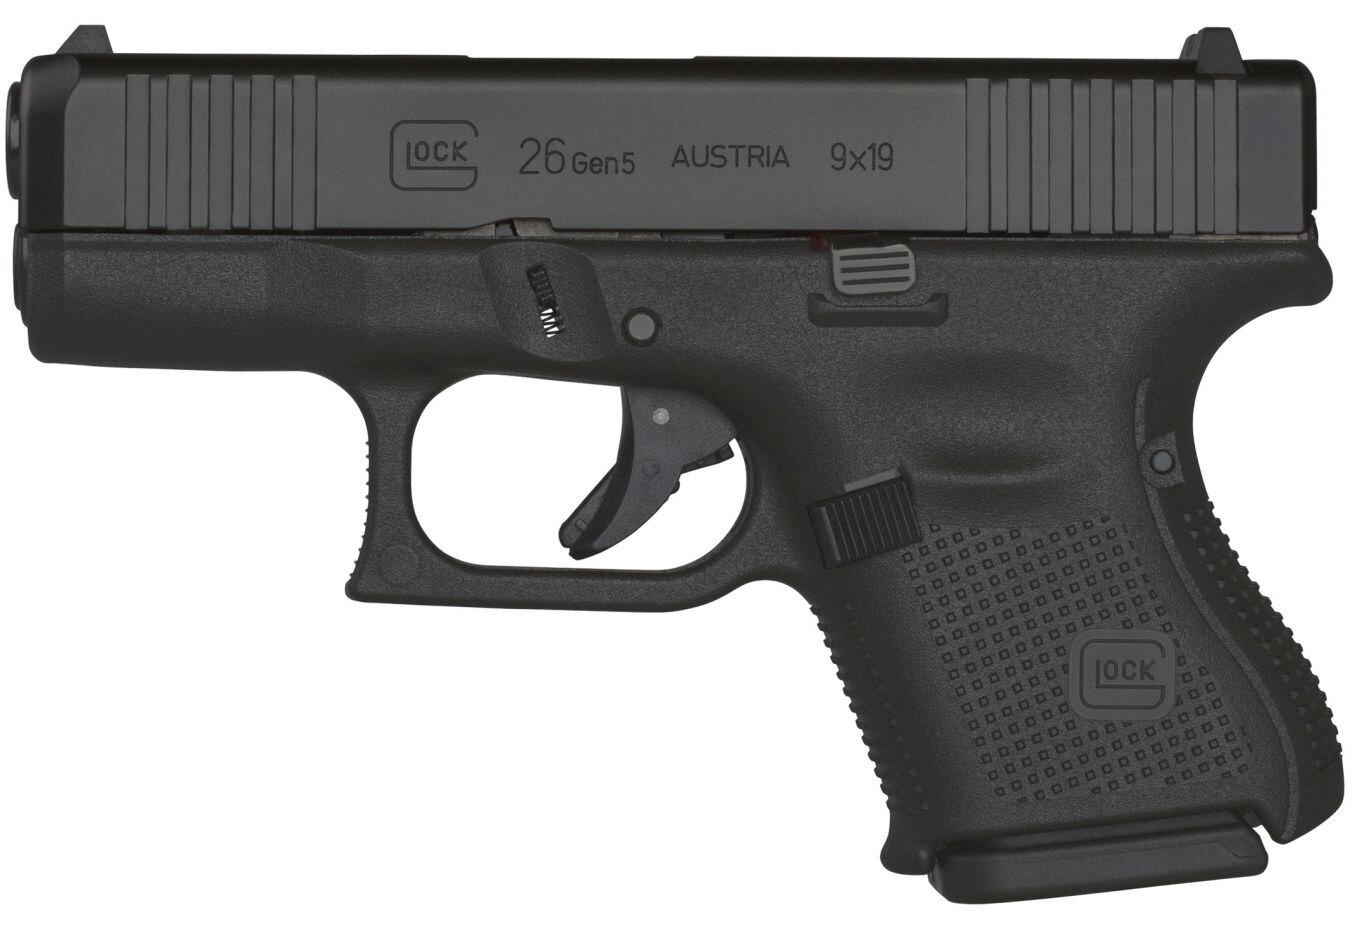 Pistole Glock 26 Gen5 FS / ráže 9x19 – Černá (Barva: Černá)